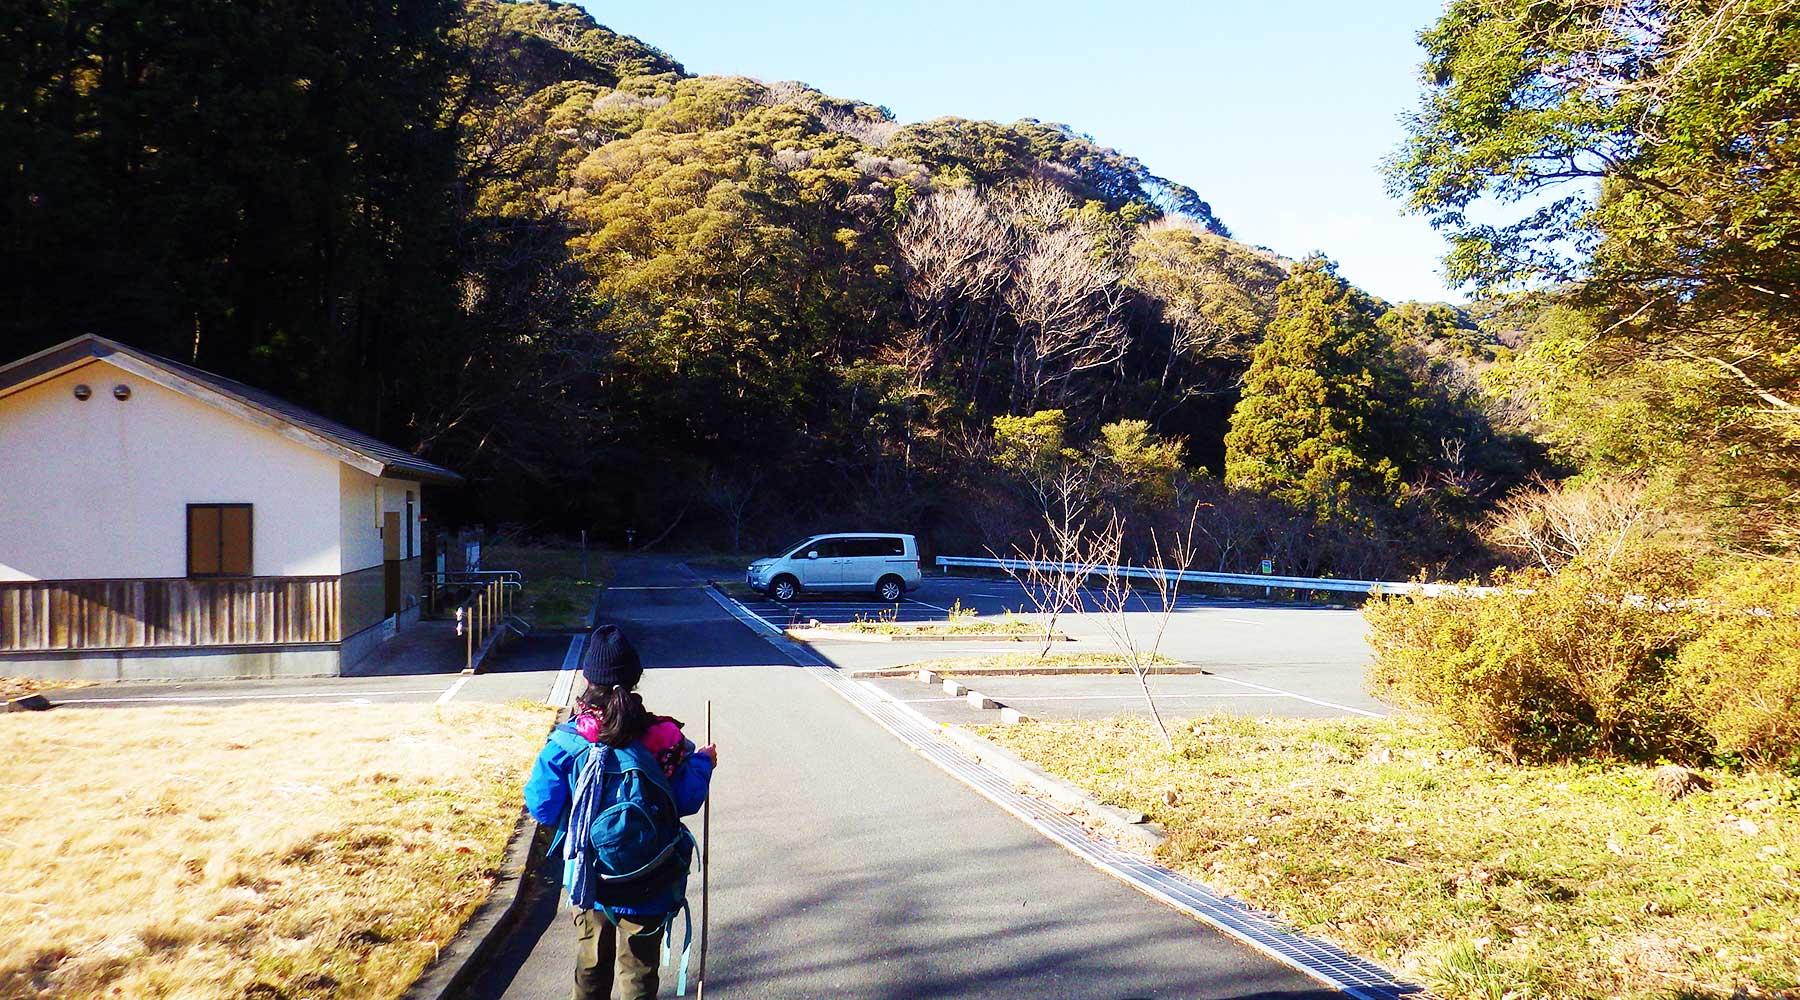 高通公園(雲見地区ふれあいパーク)駐車場